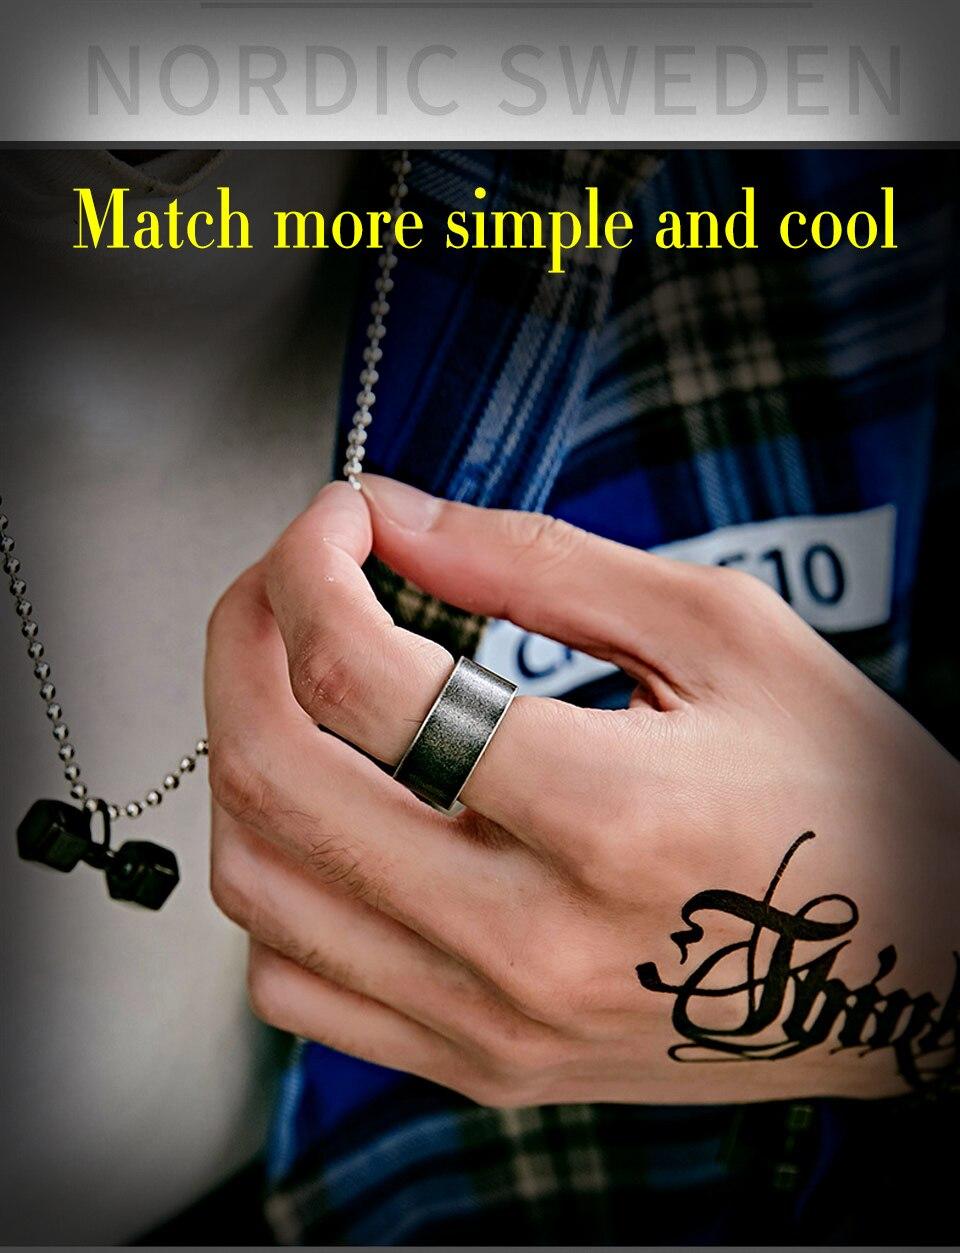 BR-R088+BR-R089+BR-R090--790_06-